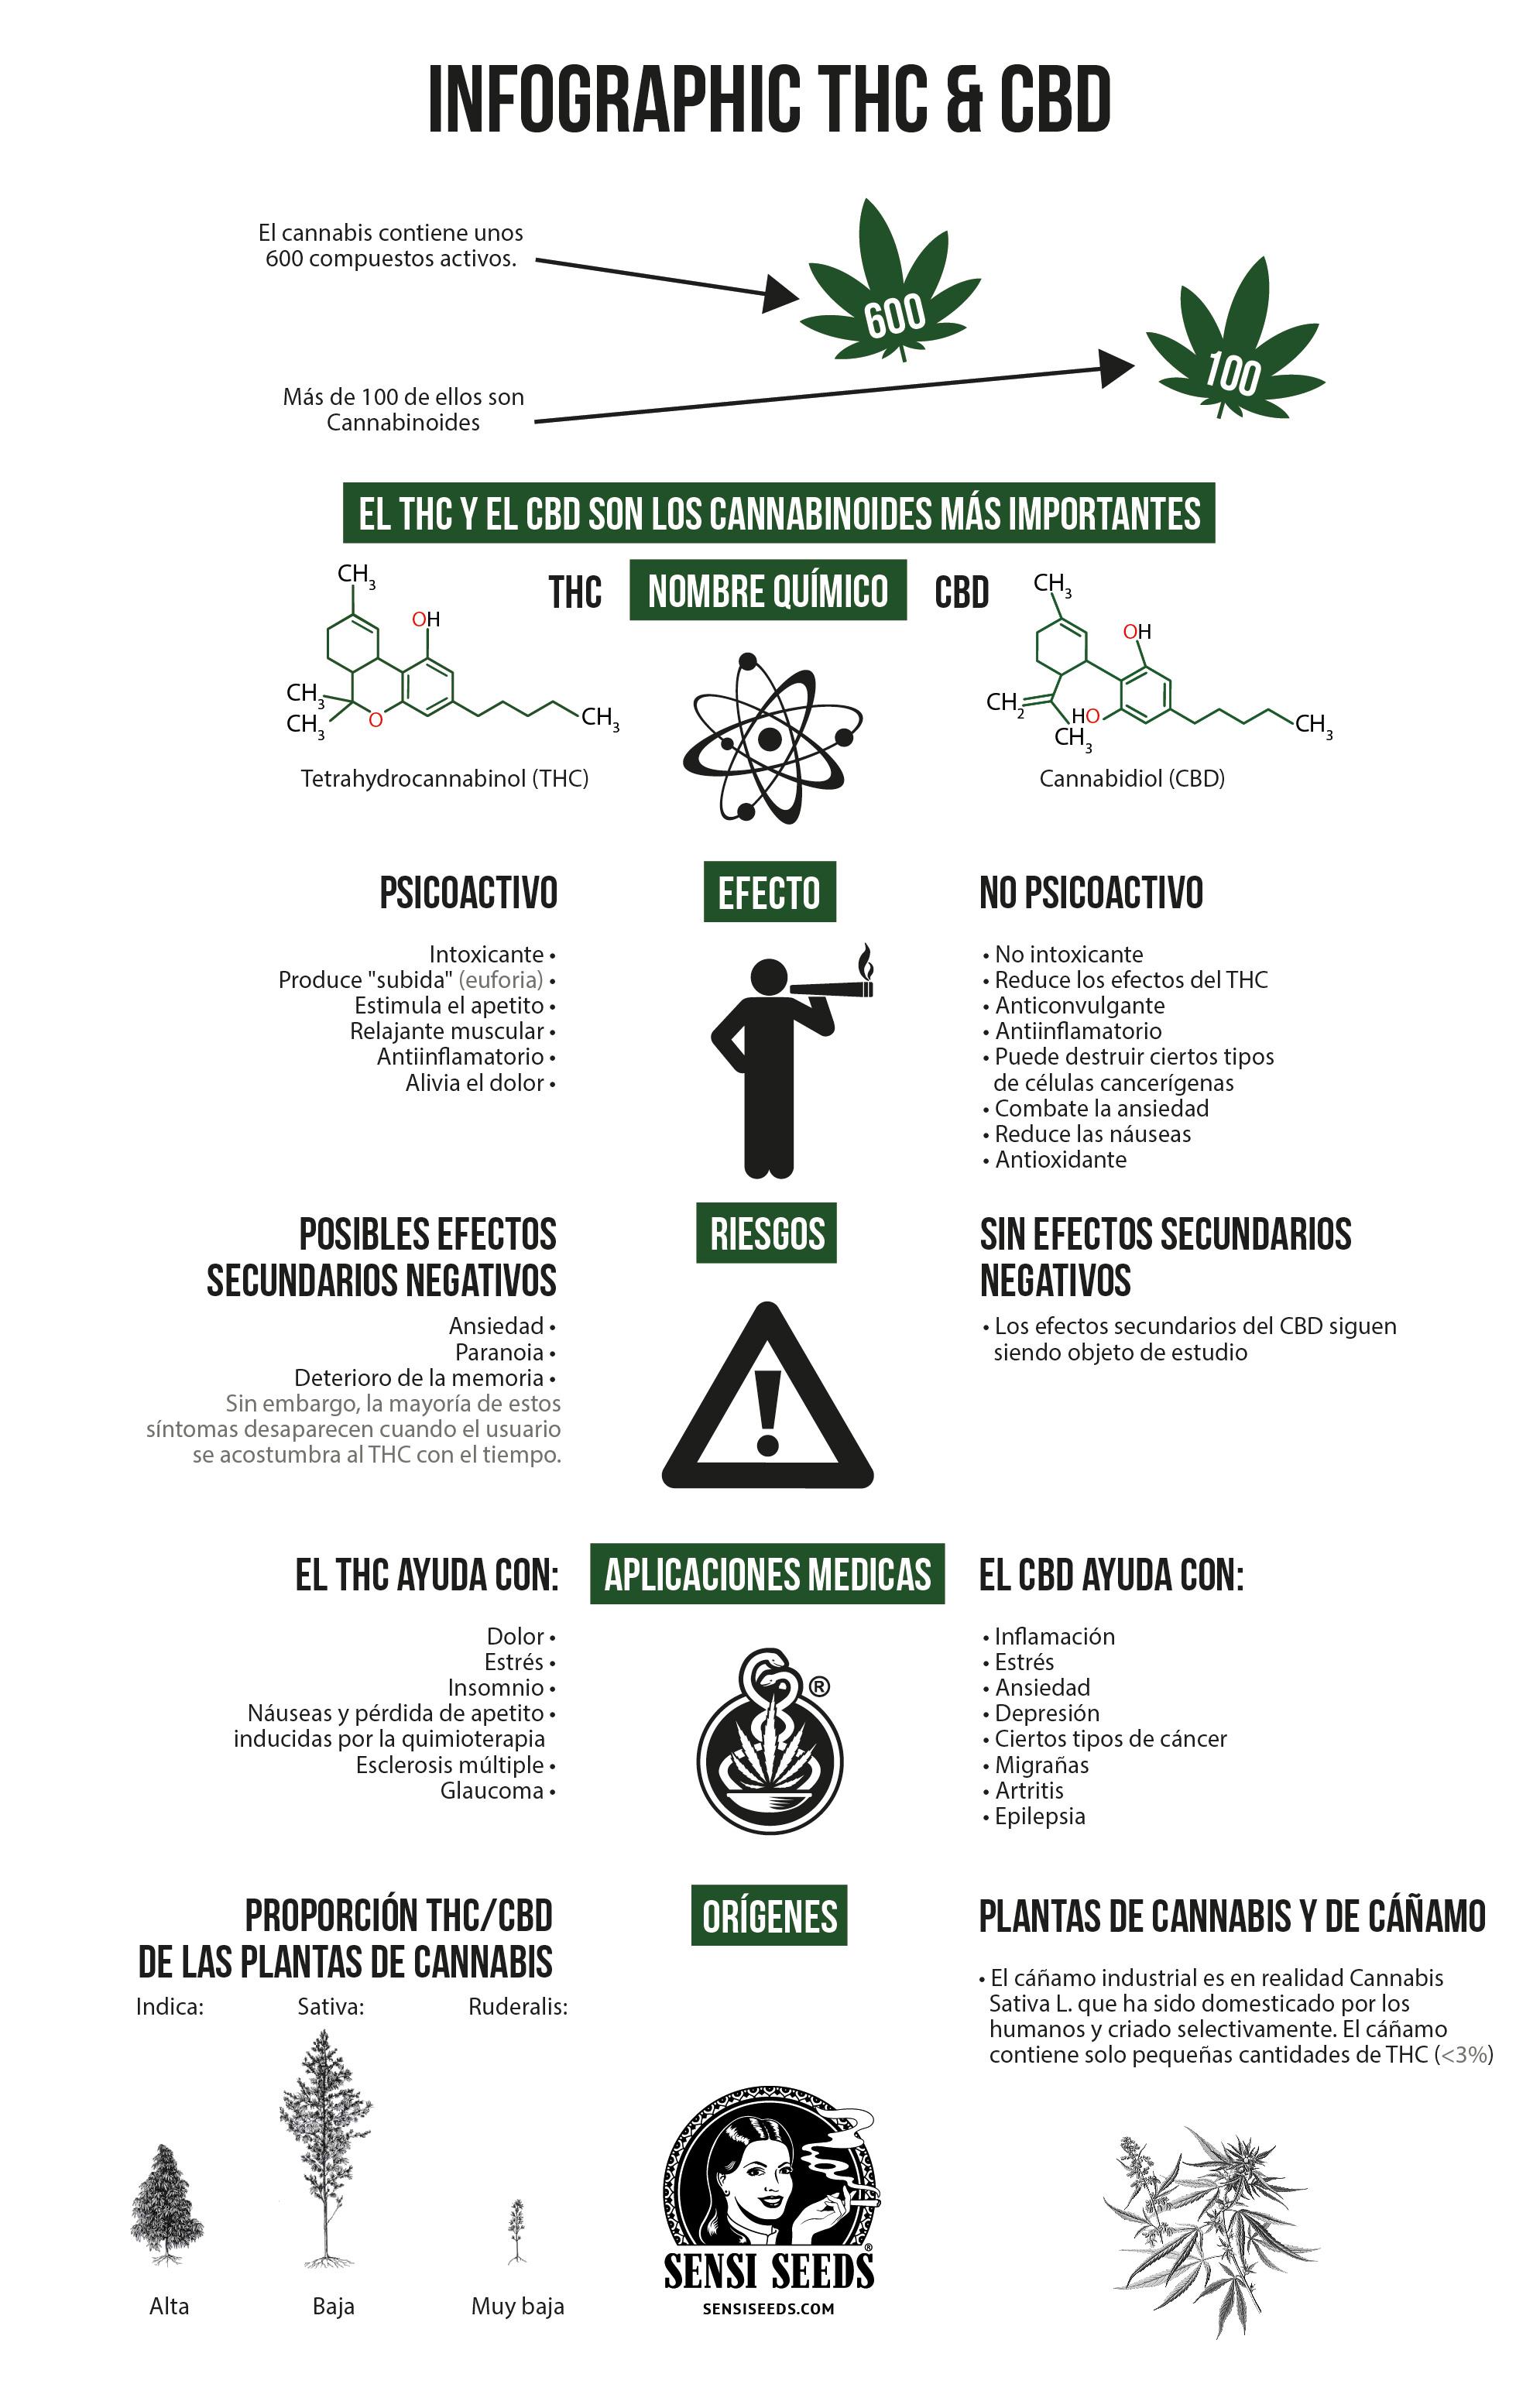 Infografía sobre las diferencias entre el tetrahidrocannabinol (THC) y el cannabidiol (CBD). Se realizan comparaciones (de arriba a abajo) entre las fórmulas estructurales de los compuestos químicos, los efectos, los riesgos, los usos medicinales y el origen.